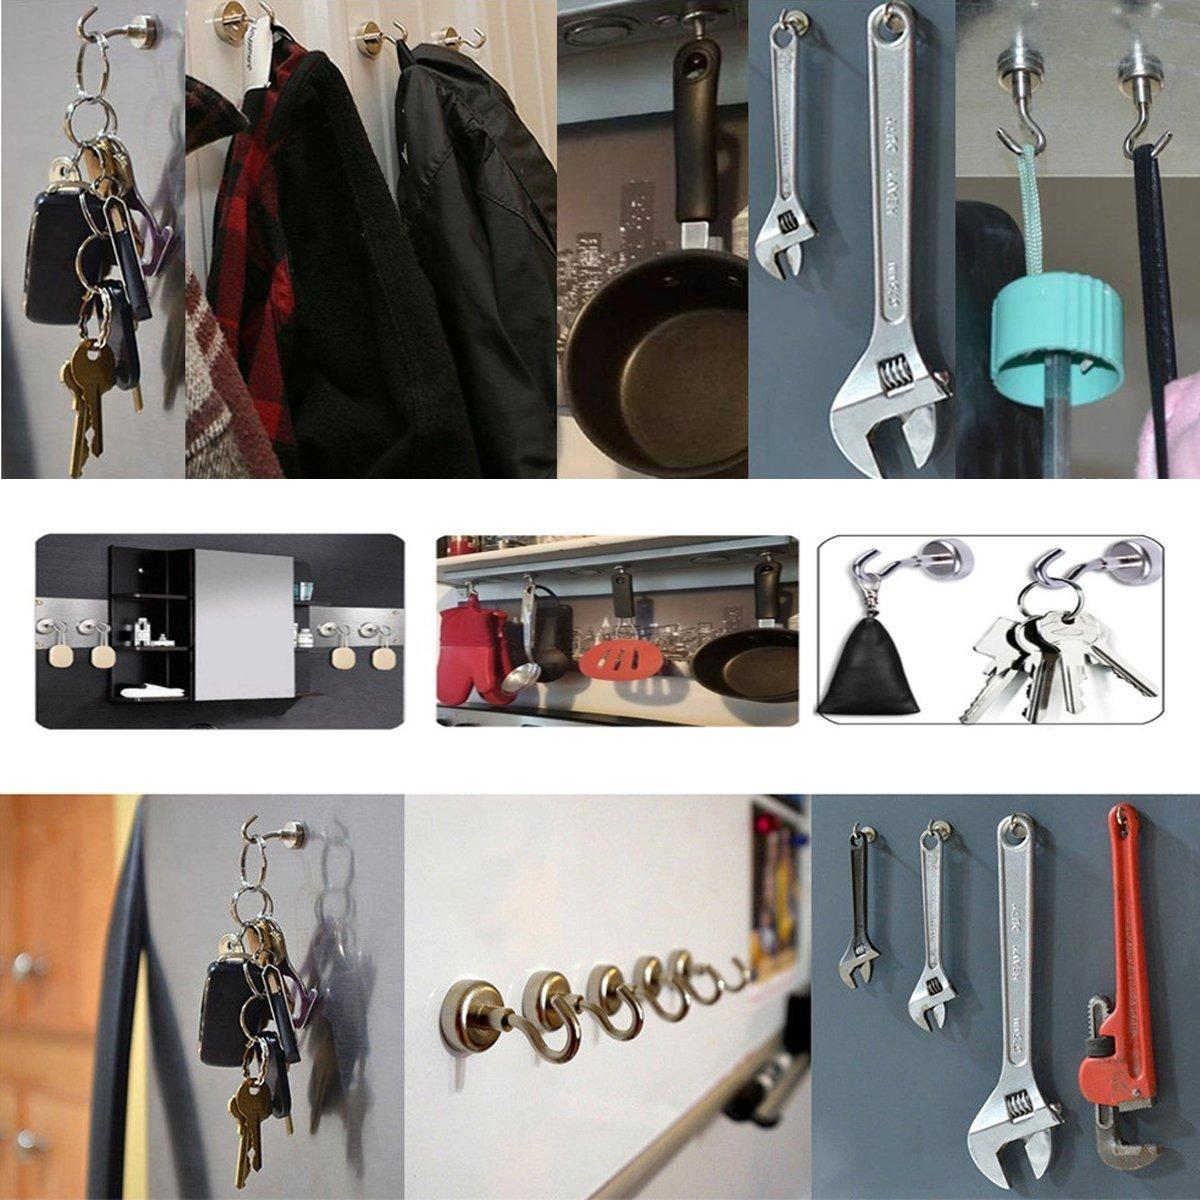 ba/ño plateado dormitorio oficina garaje JKG-CE20-UK-K10 almac/én Ganchos magn/éticos de neodimio de alta resistencia para frigor/ífico de acero para pared cocina